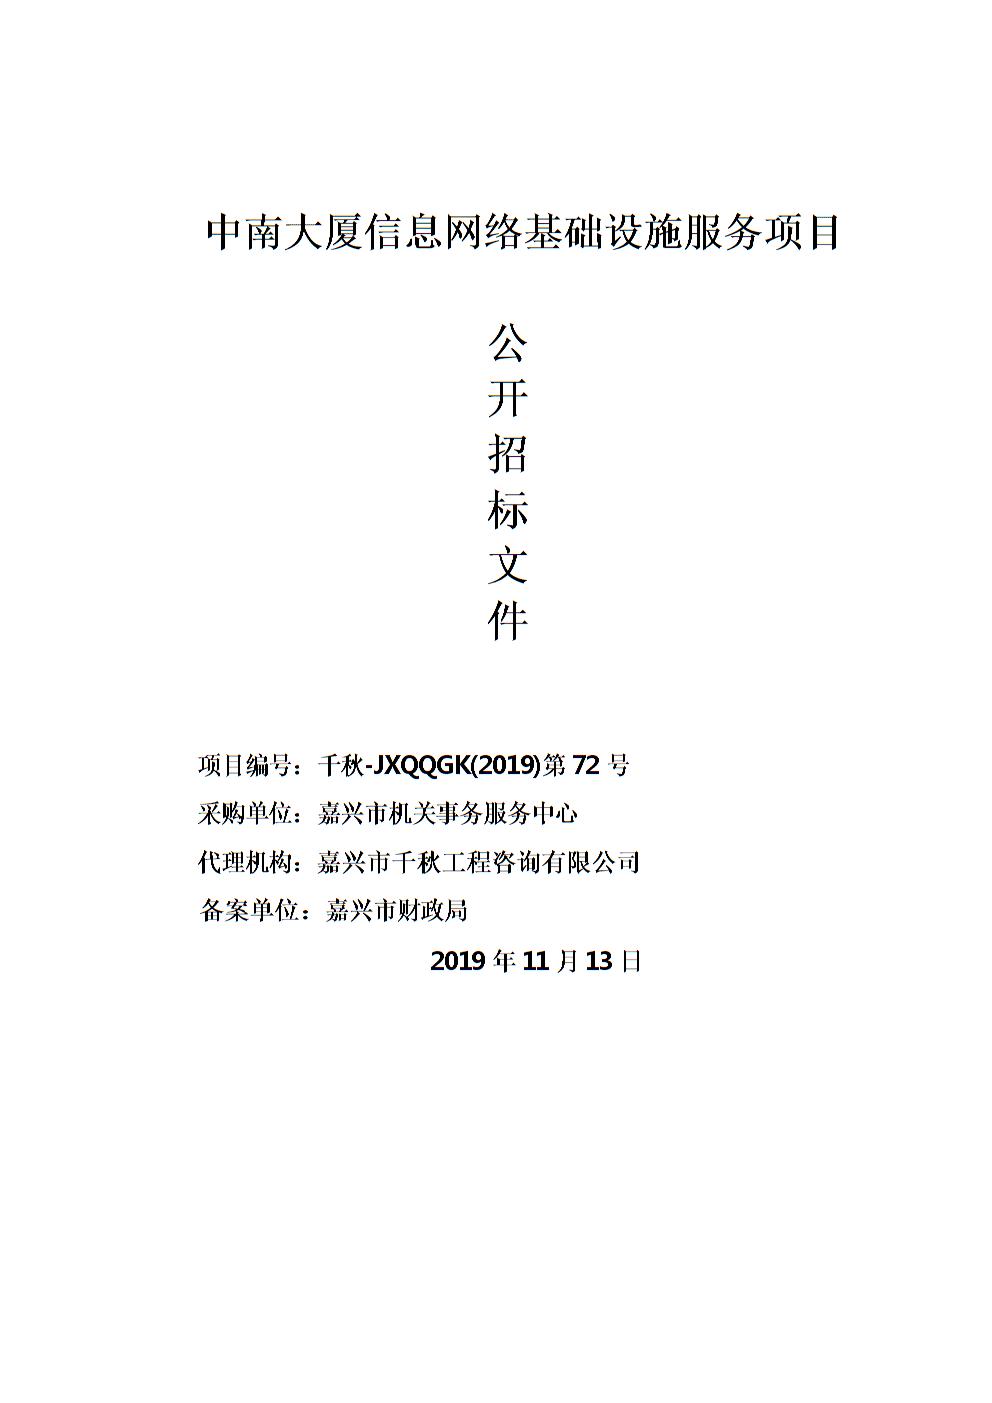 中南大厦信息网络基础设施服务项目招标文件.docx